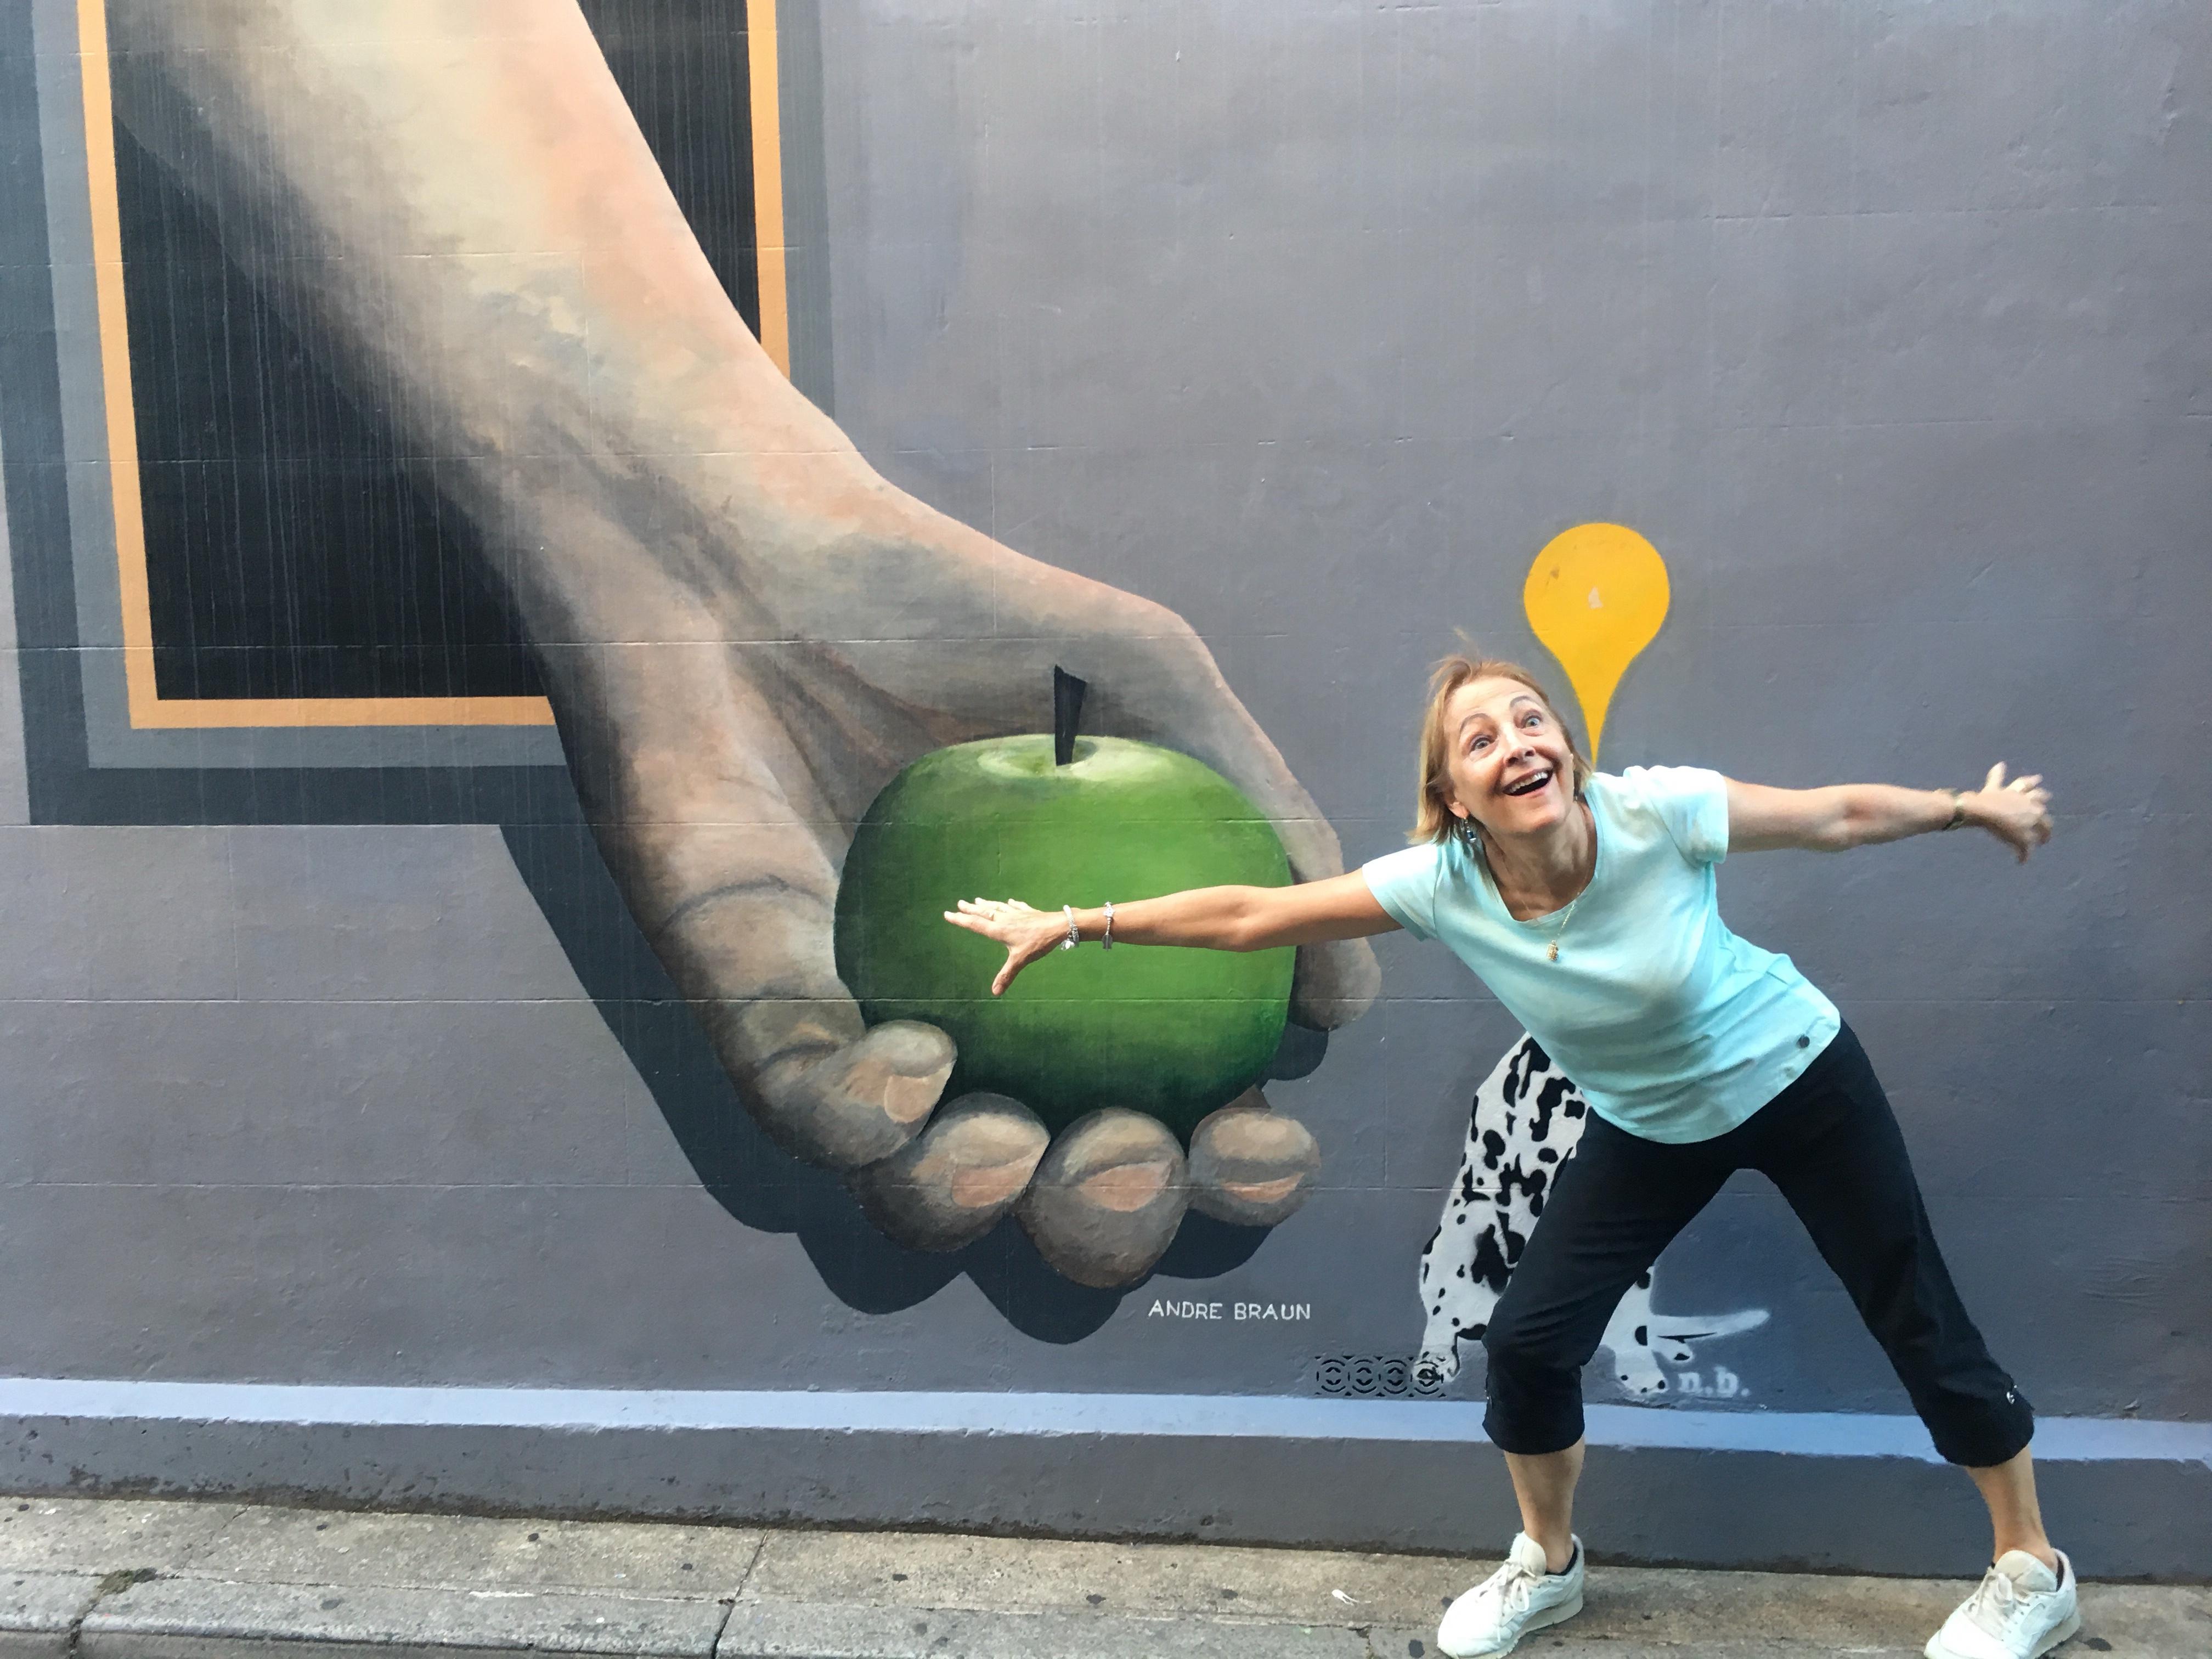 Fun street art in Paddington Sydney